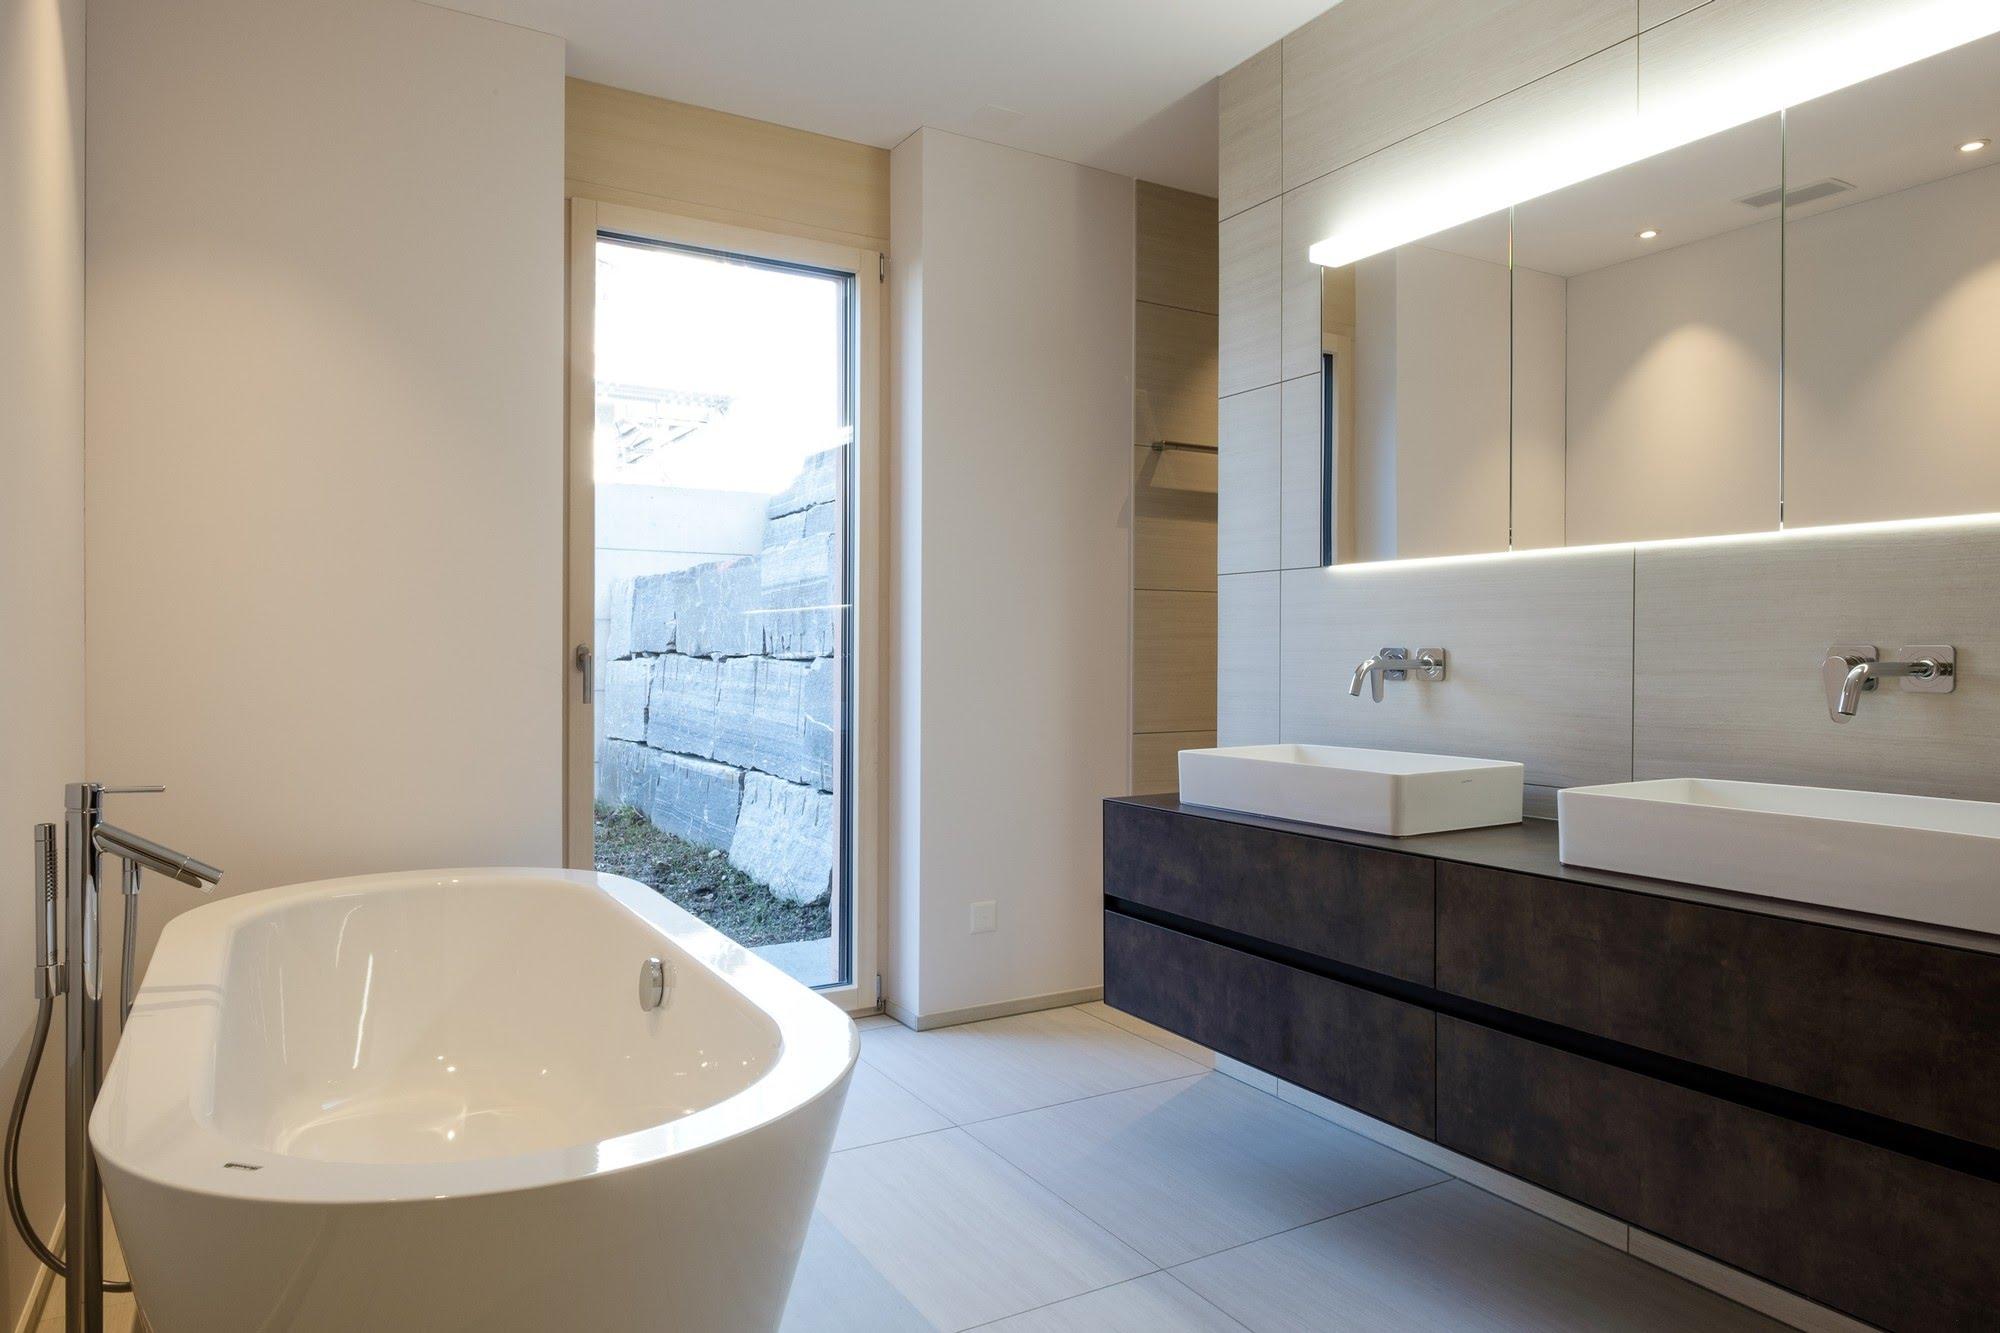 Wohnen EFH EFH 5 Striegelhöhe in Schenkon Architektur,Wohnungsbau,Wohnhäuser,Einfamilienhäuser,Mehrfamilienhäuser